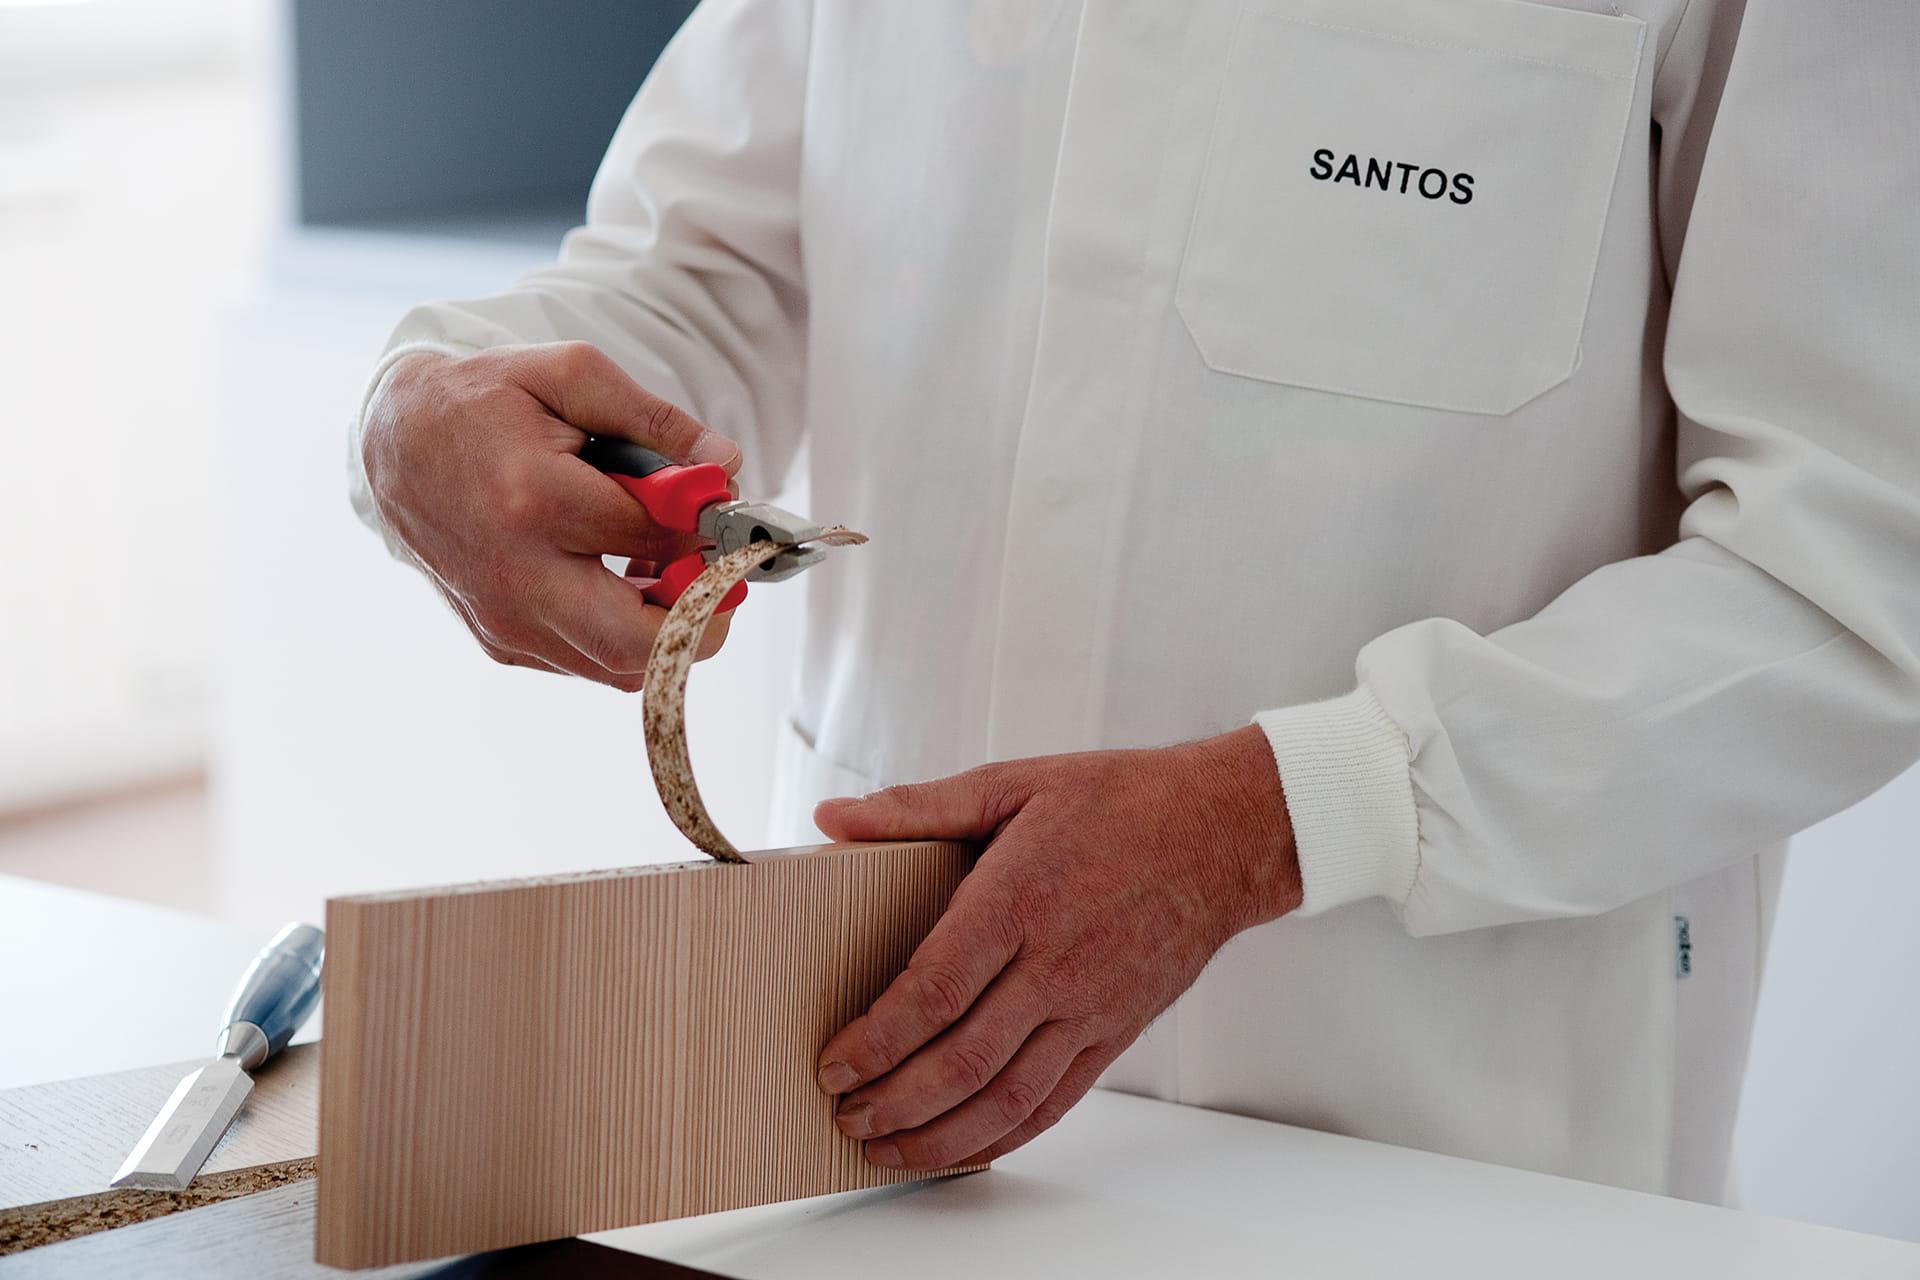 Control de calidad canteados de muebles de cocinas Santos